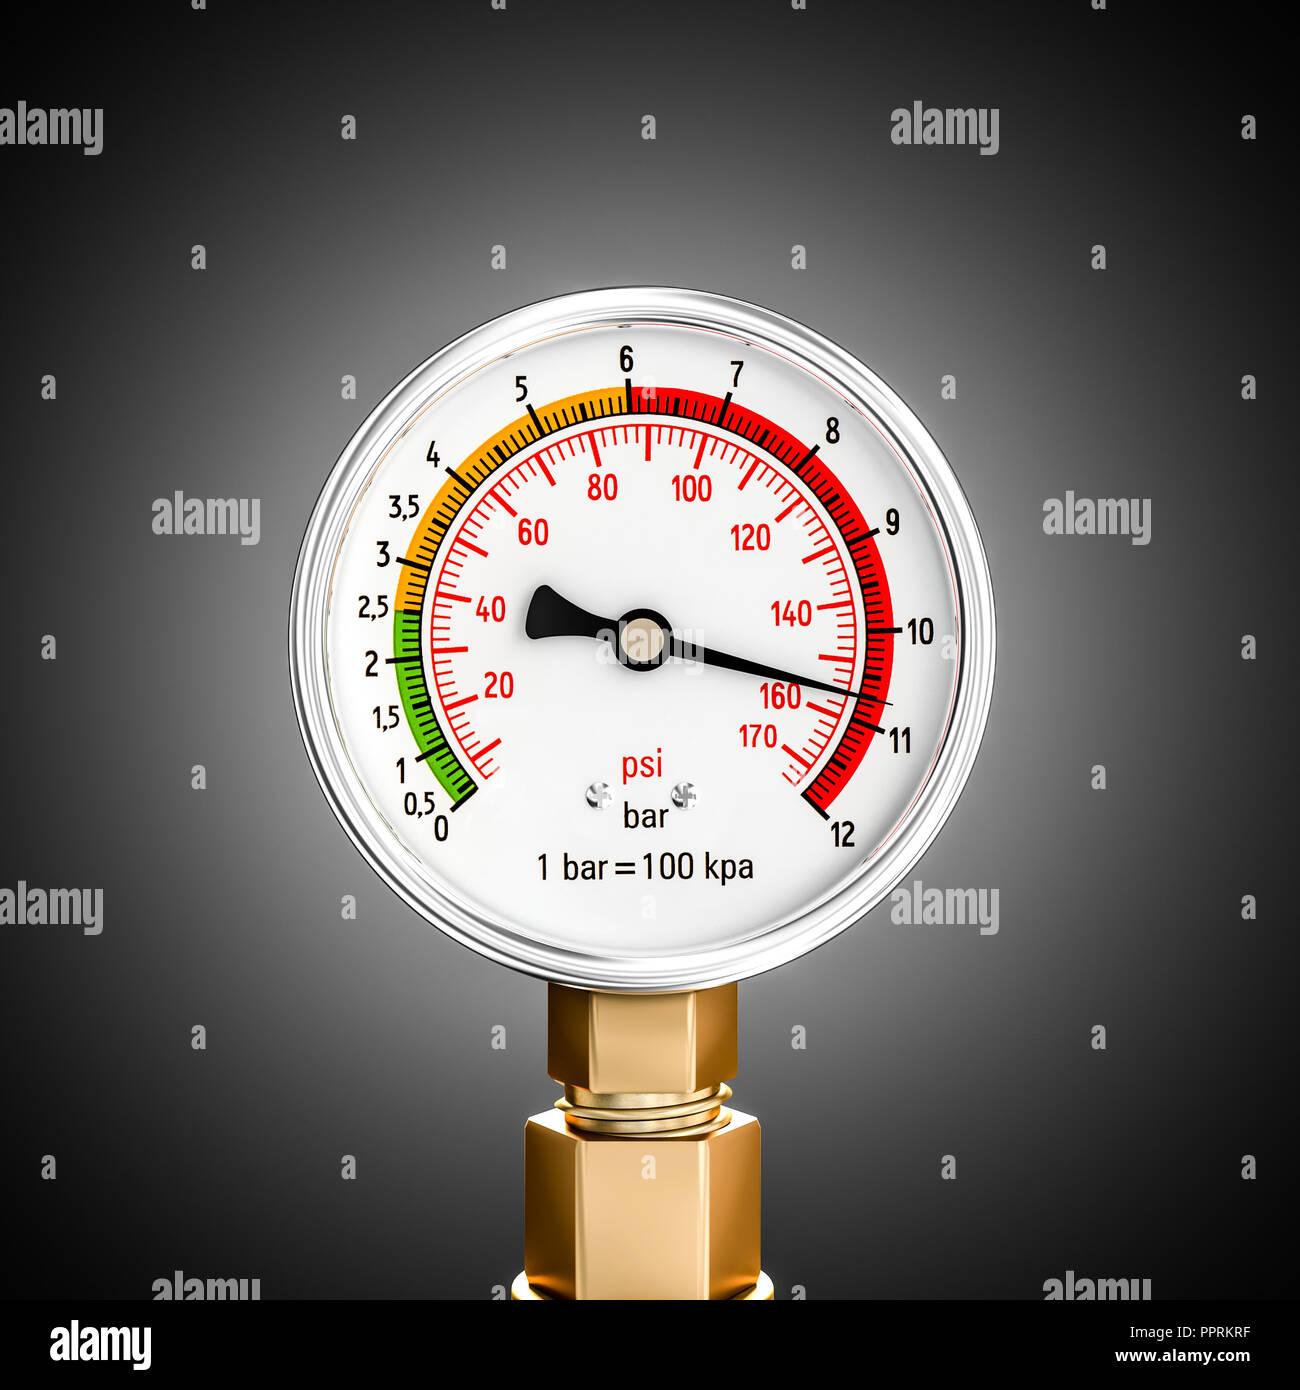 pressure gauge 3d rendering image - Stock Image